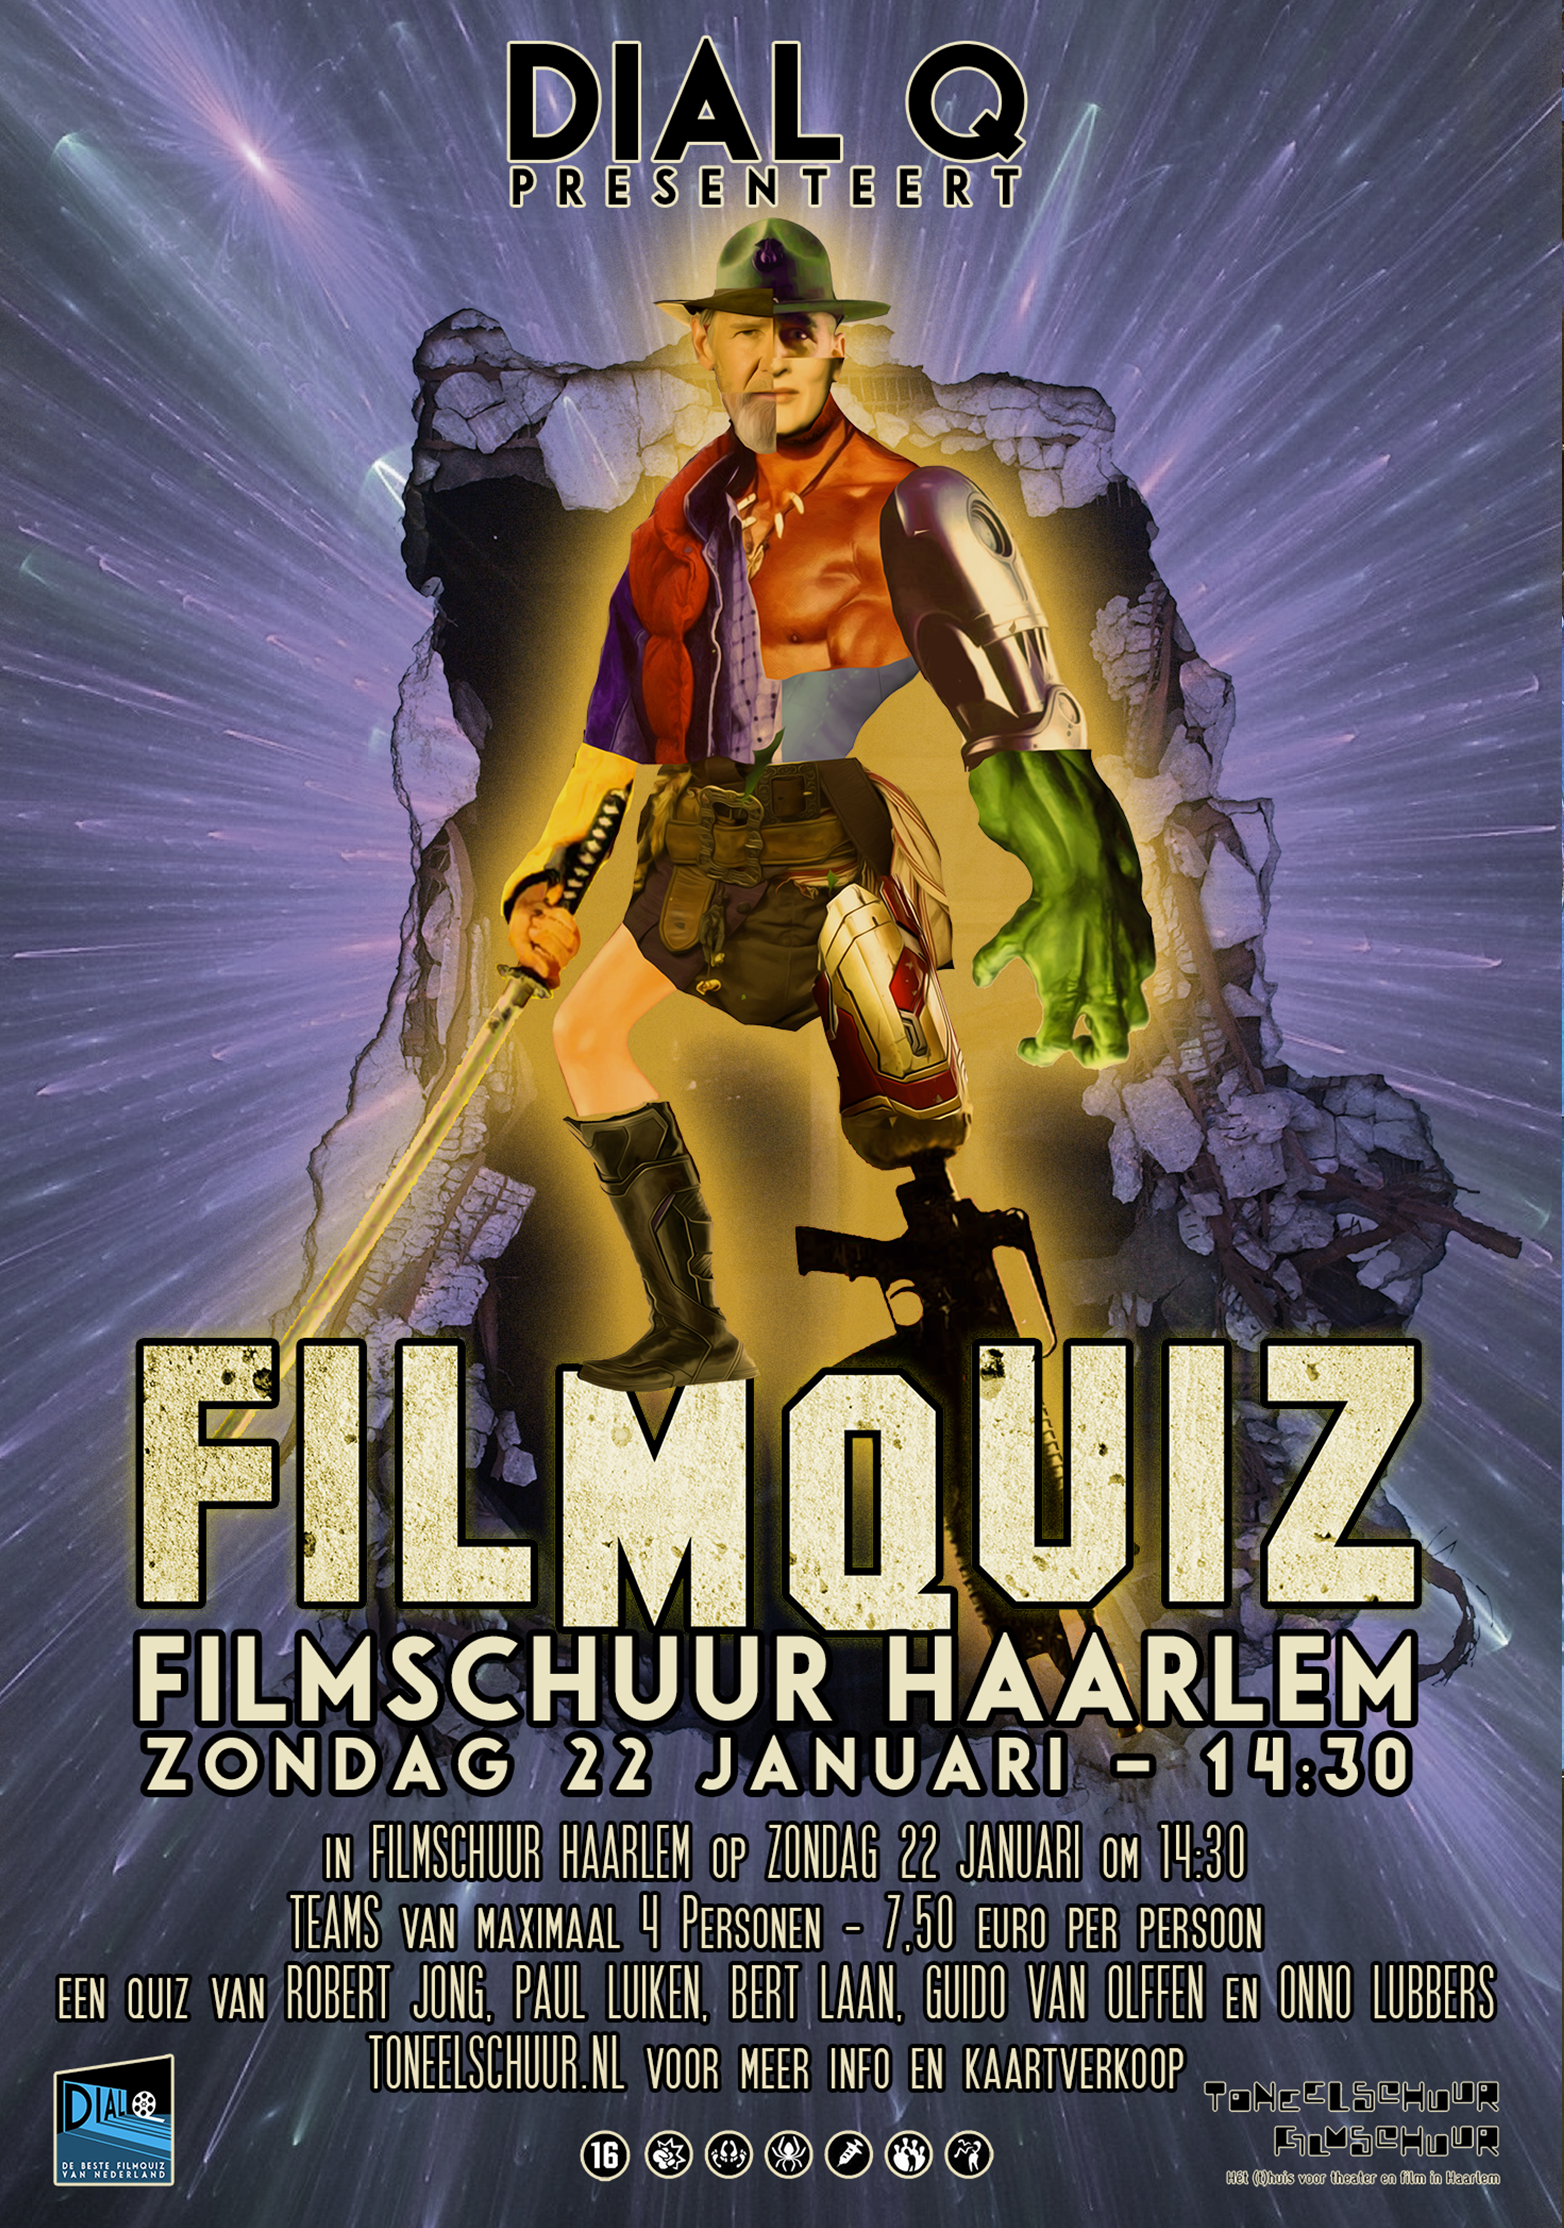 Ed4-Haarlem